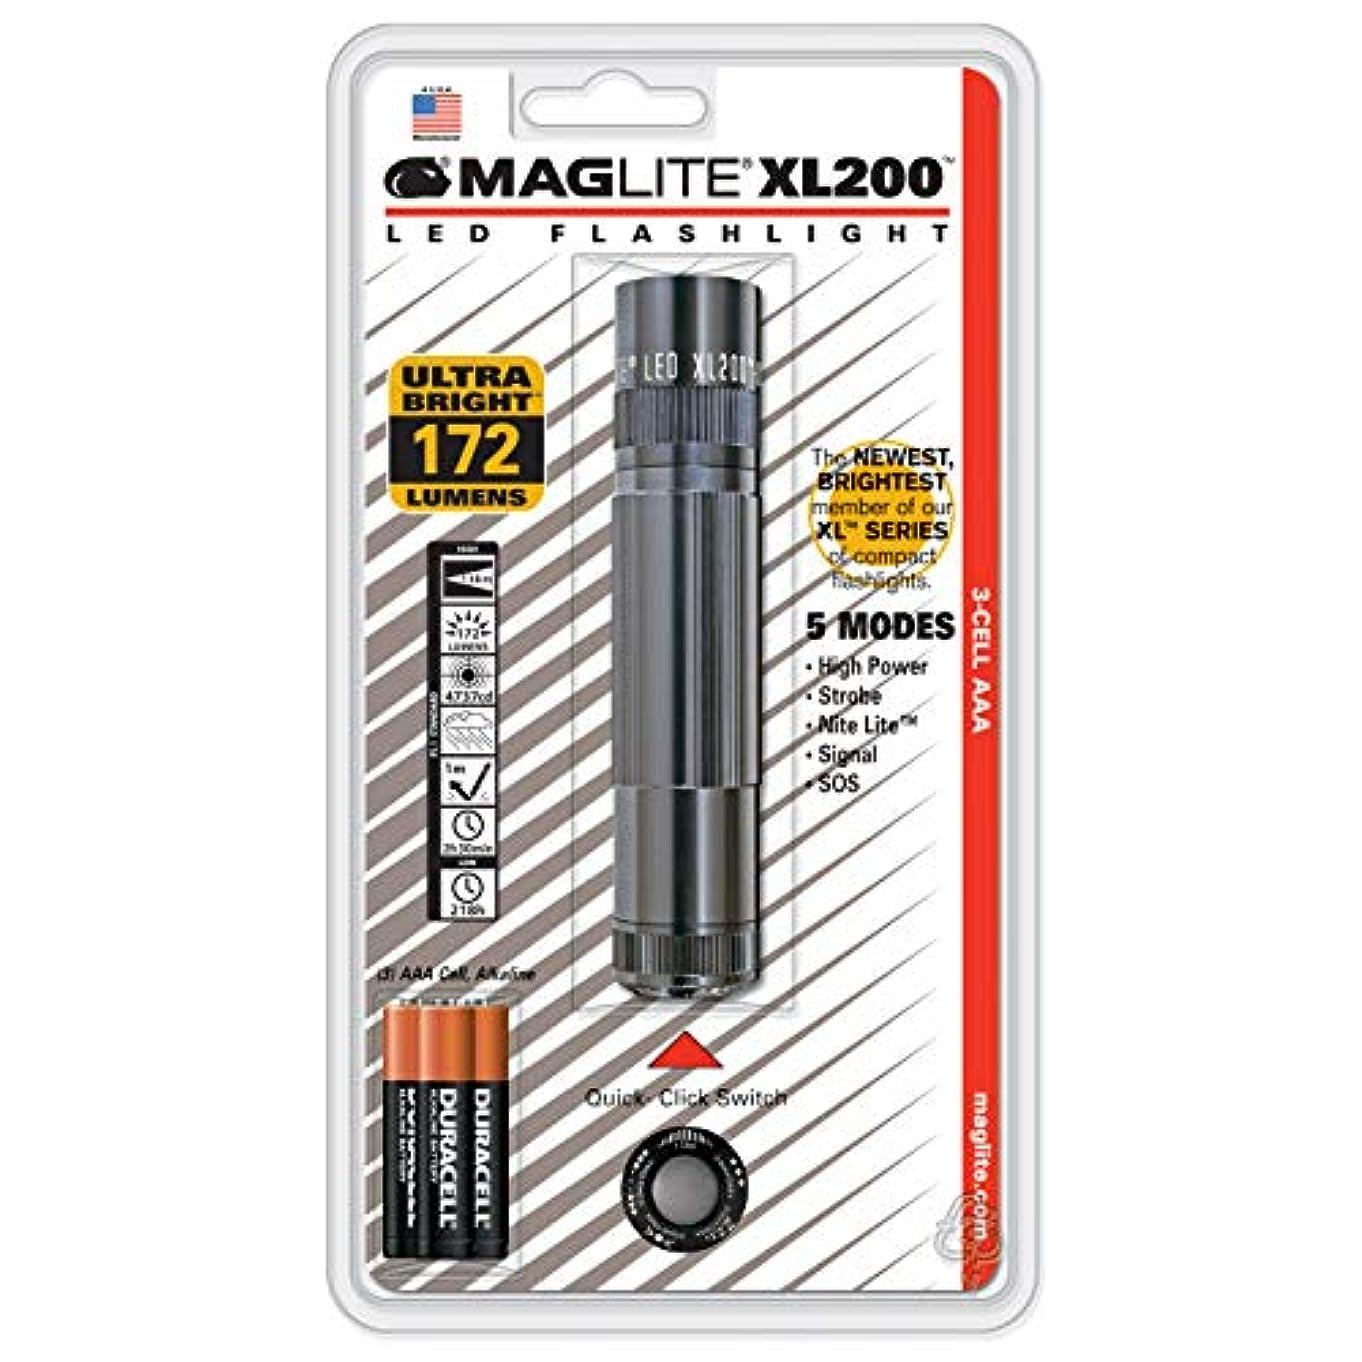 わざわざコメント私たちMAGLITE マグライト XL200 LED フラッシュライト